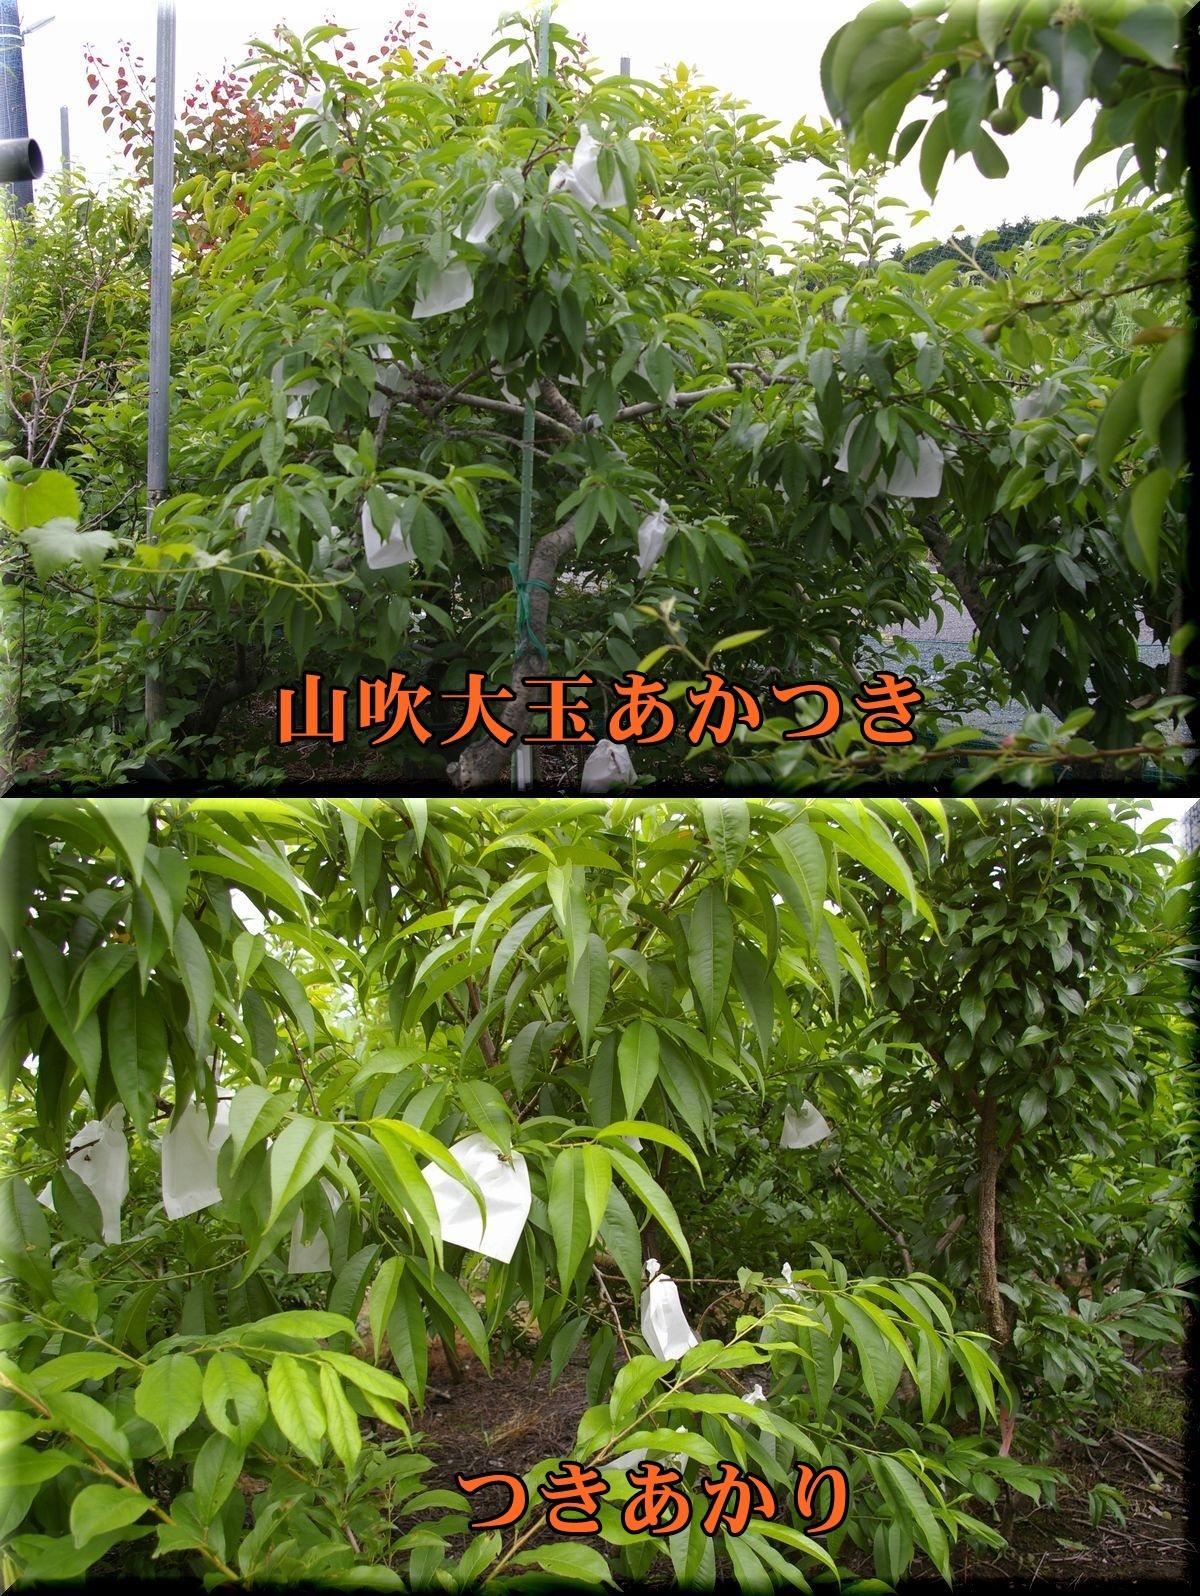 TUKIAKARI1YOA_tukiak170524_010.jpg